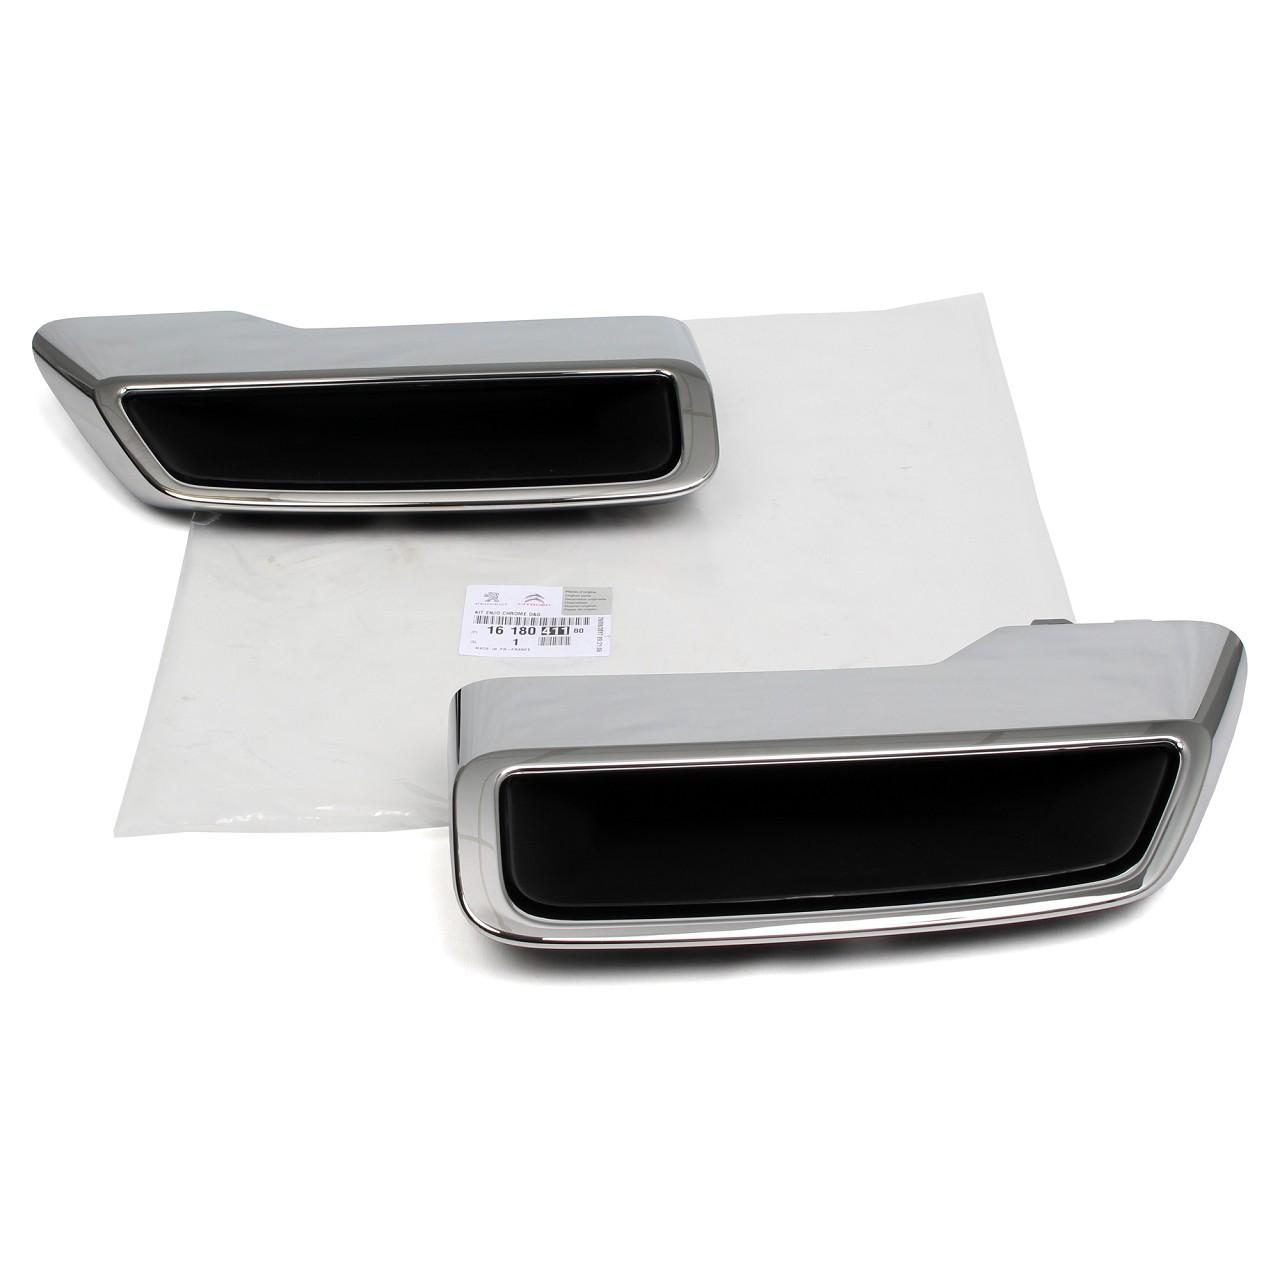 ORIGINAL Peugeot Zierleisten Set Stoßstange 1618041180 für 3008 SUV & 5008 II